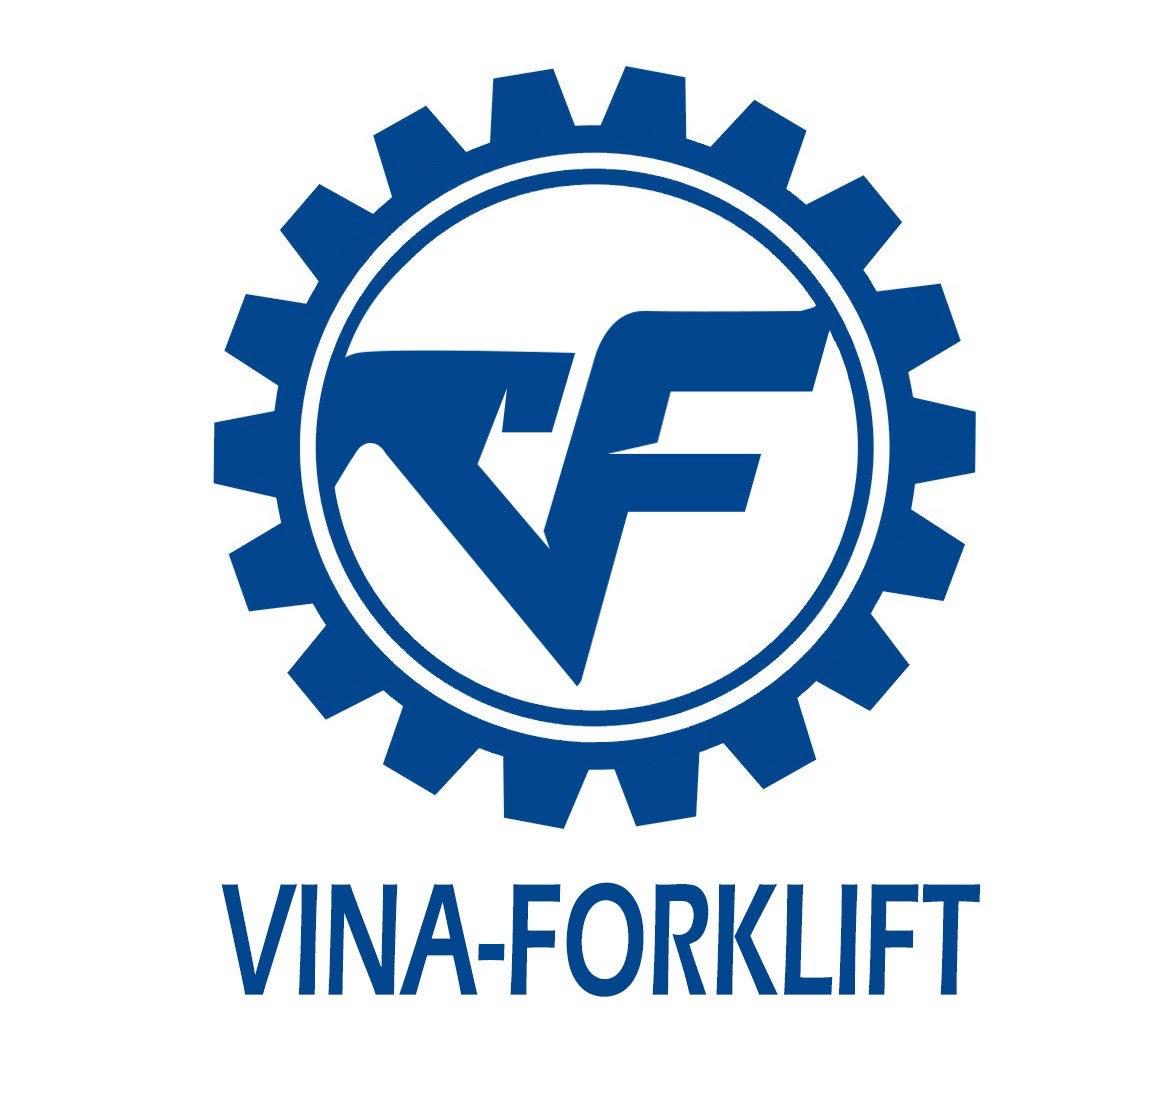 Vina-Forklift